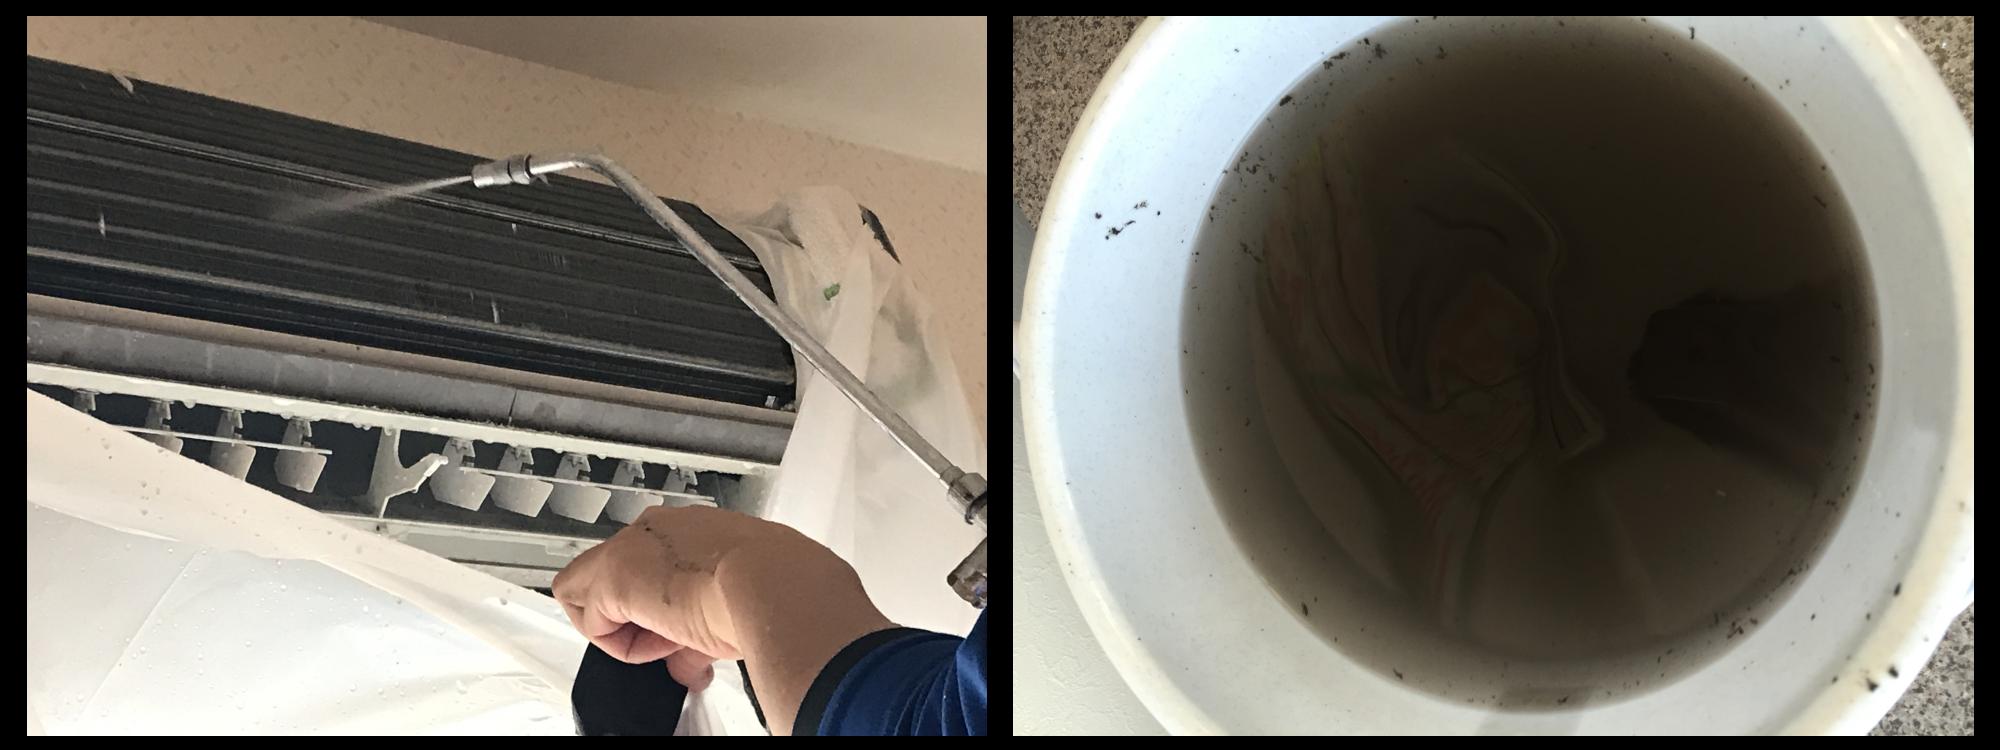 ❺内部高圧洗浄、内部の汚れで黒くなった水